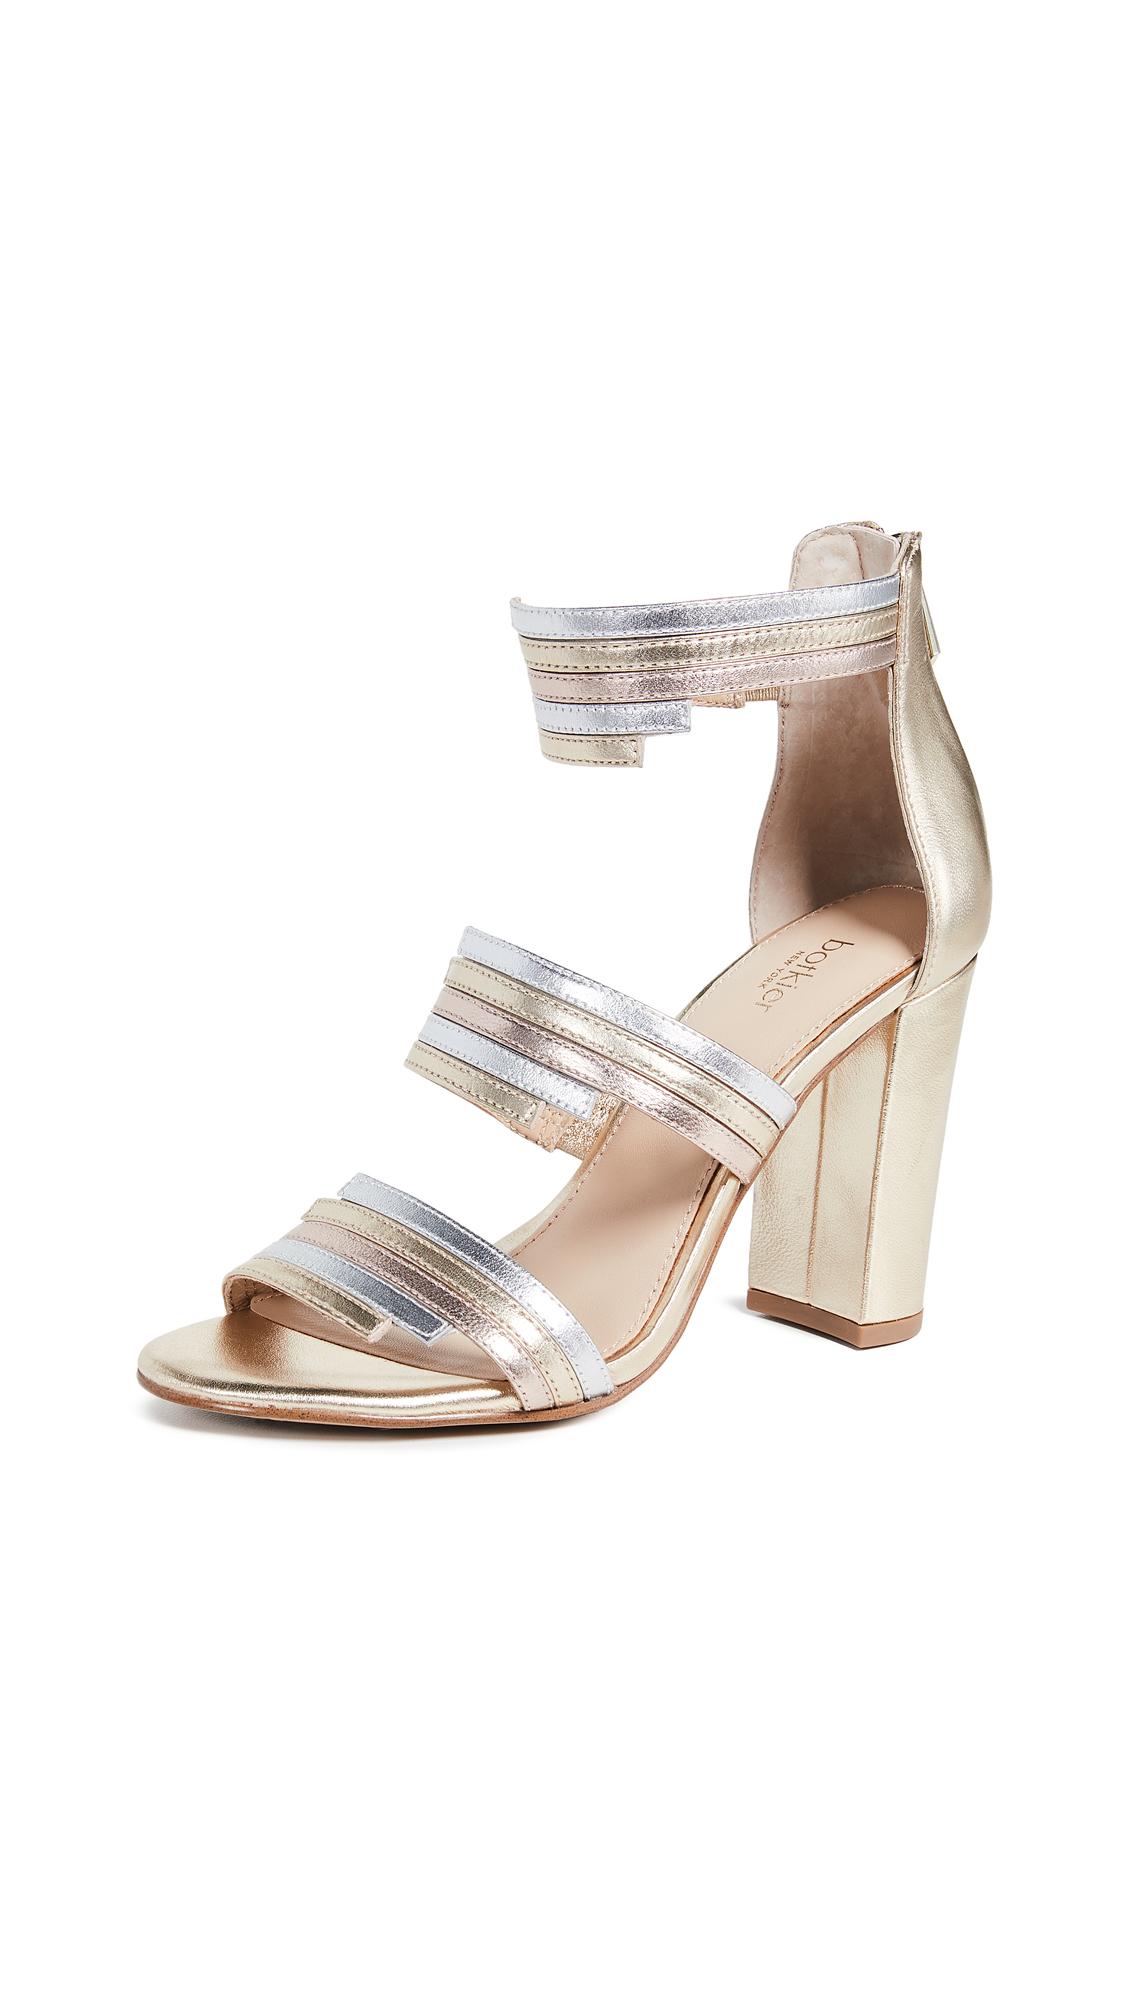 Botkier Grecia Sandals